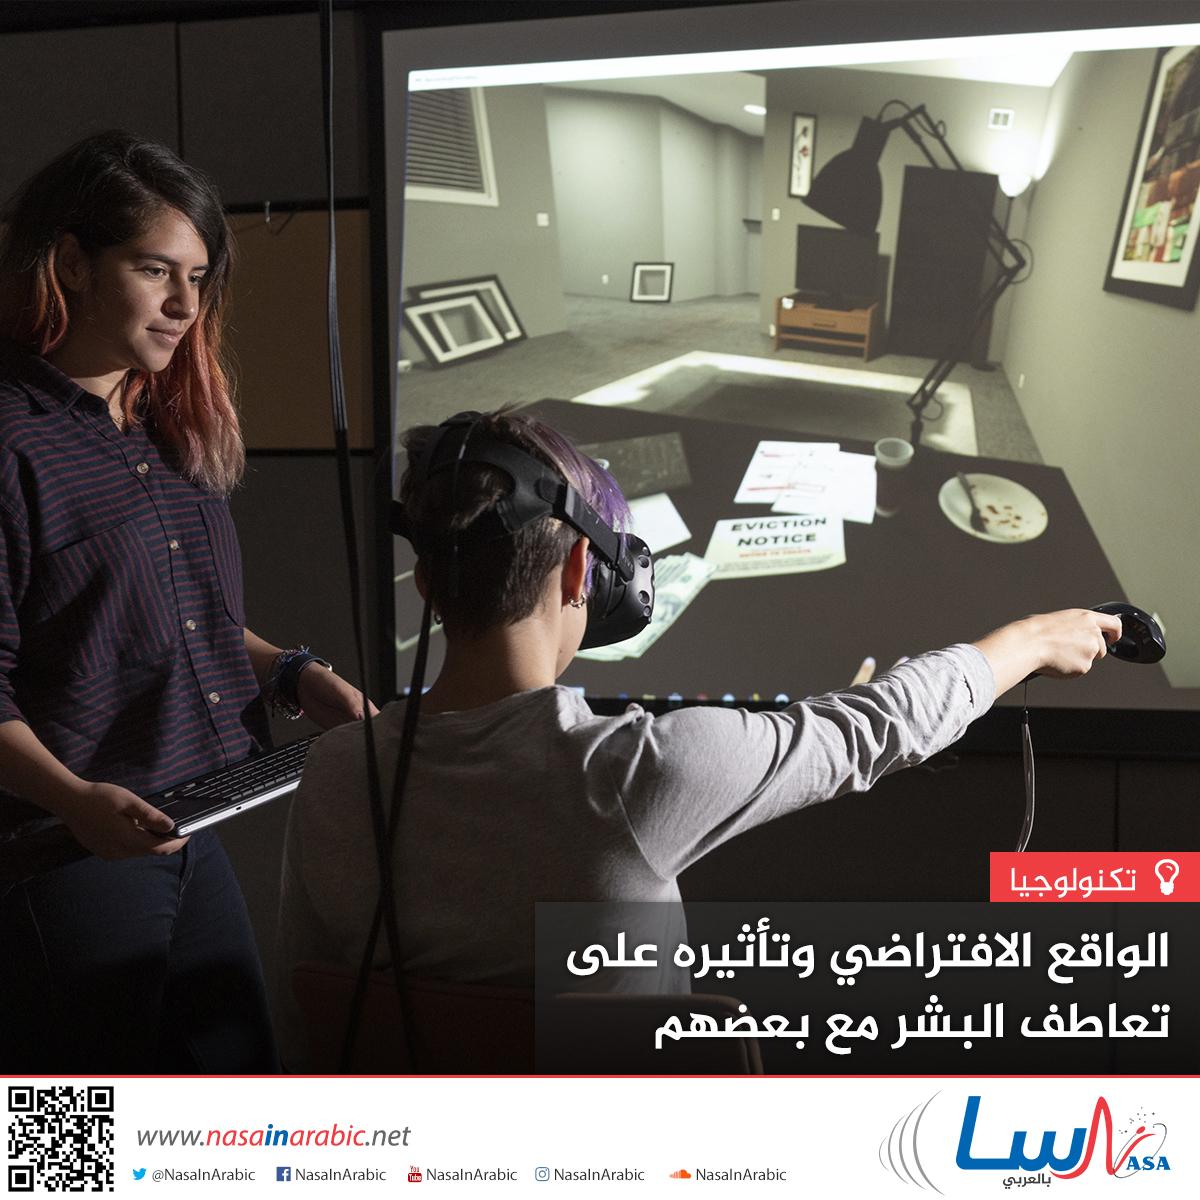 الواقع الافتراضي وتأثيره على تعاطف البشر مع بعضهم